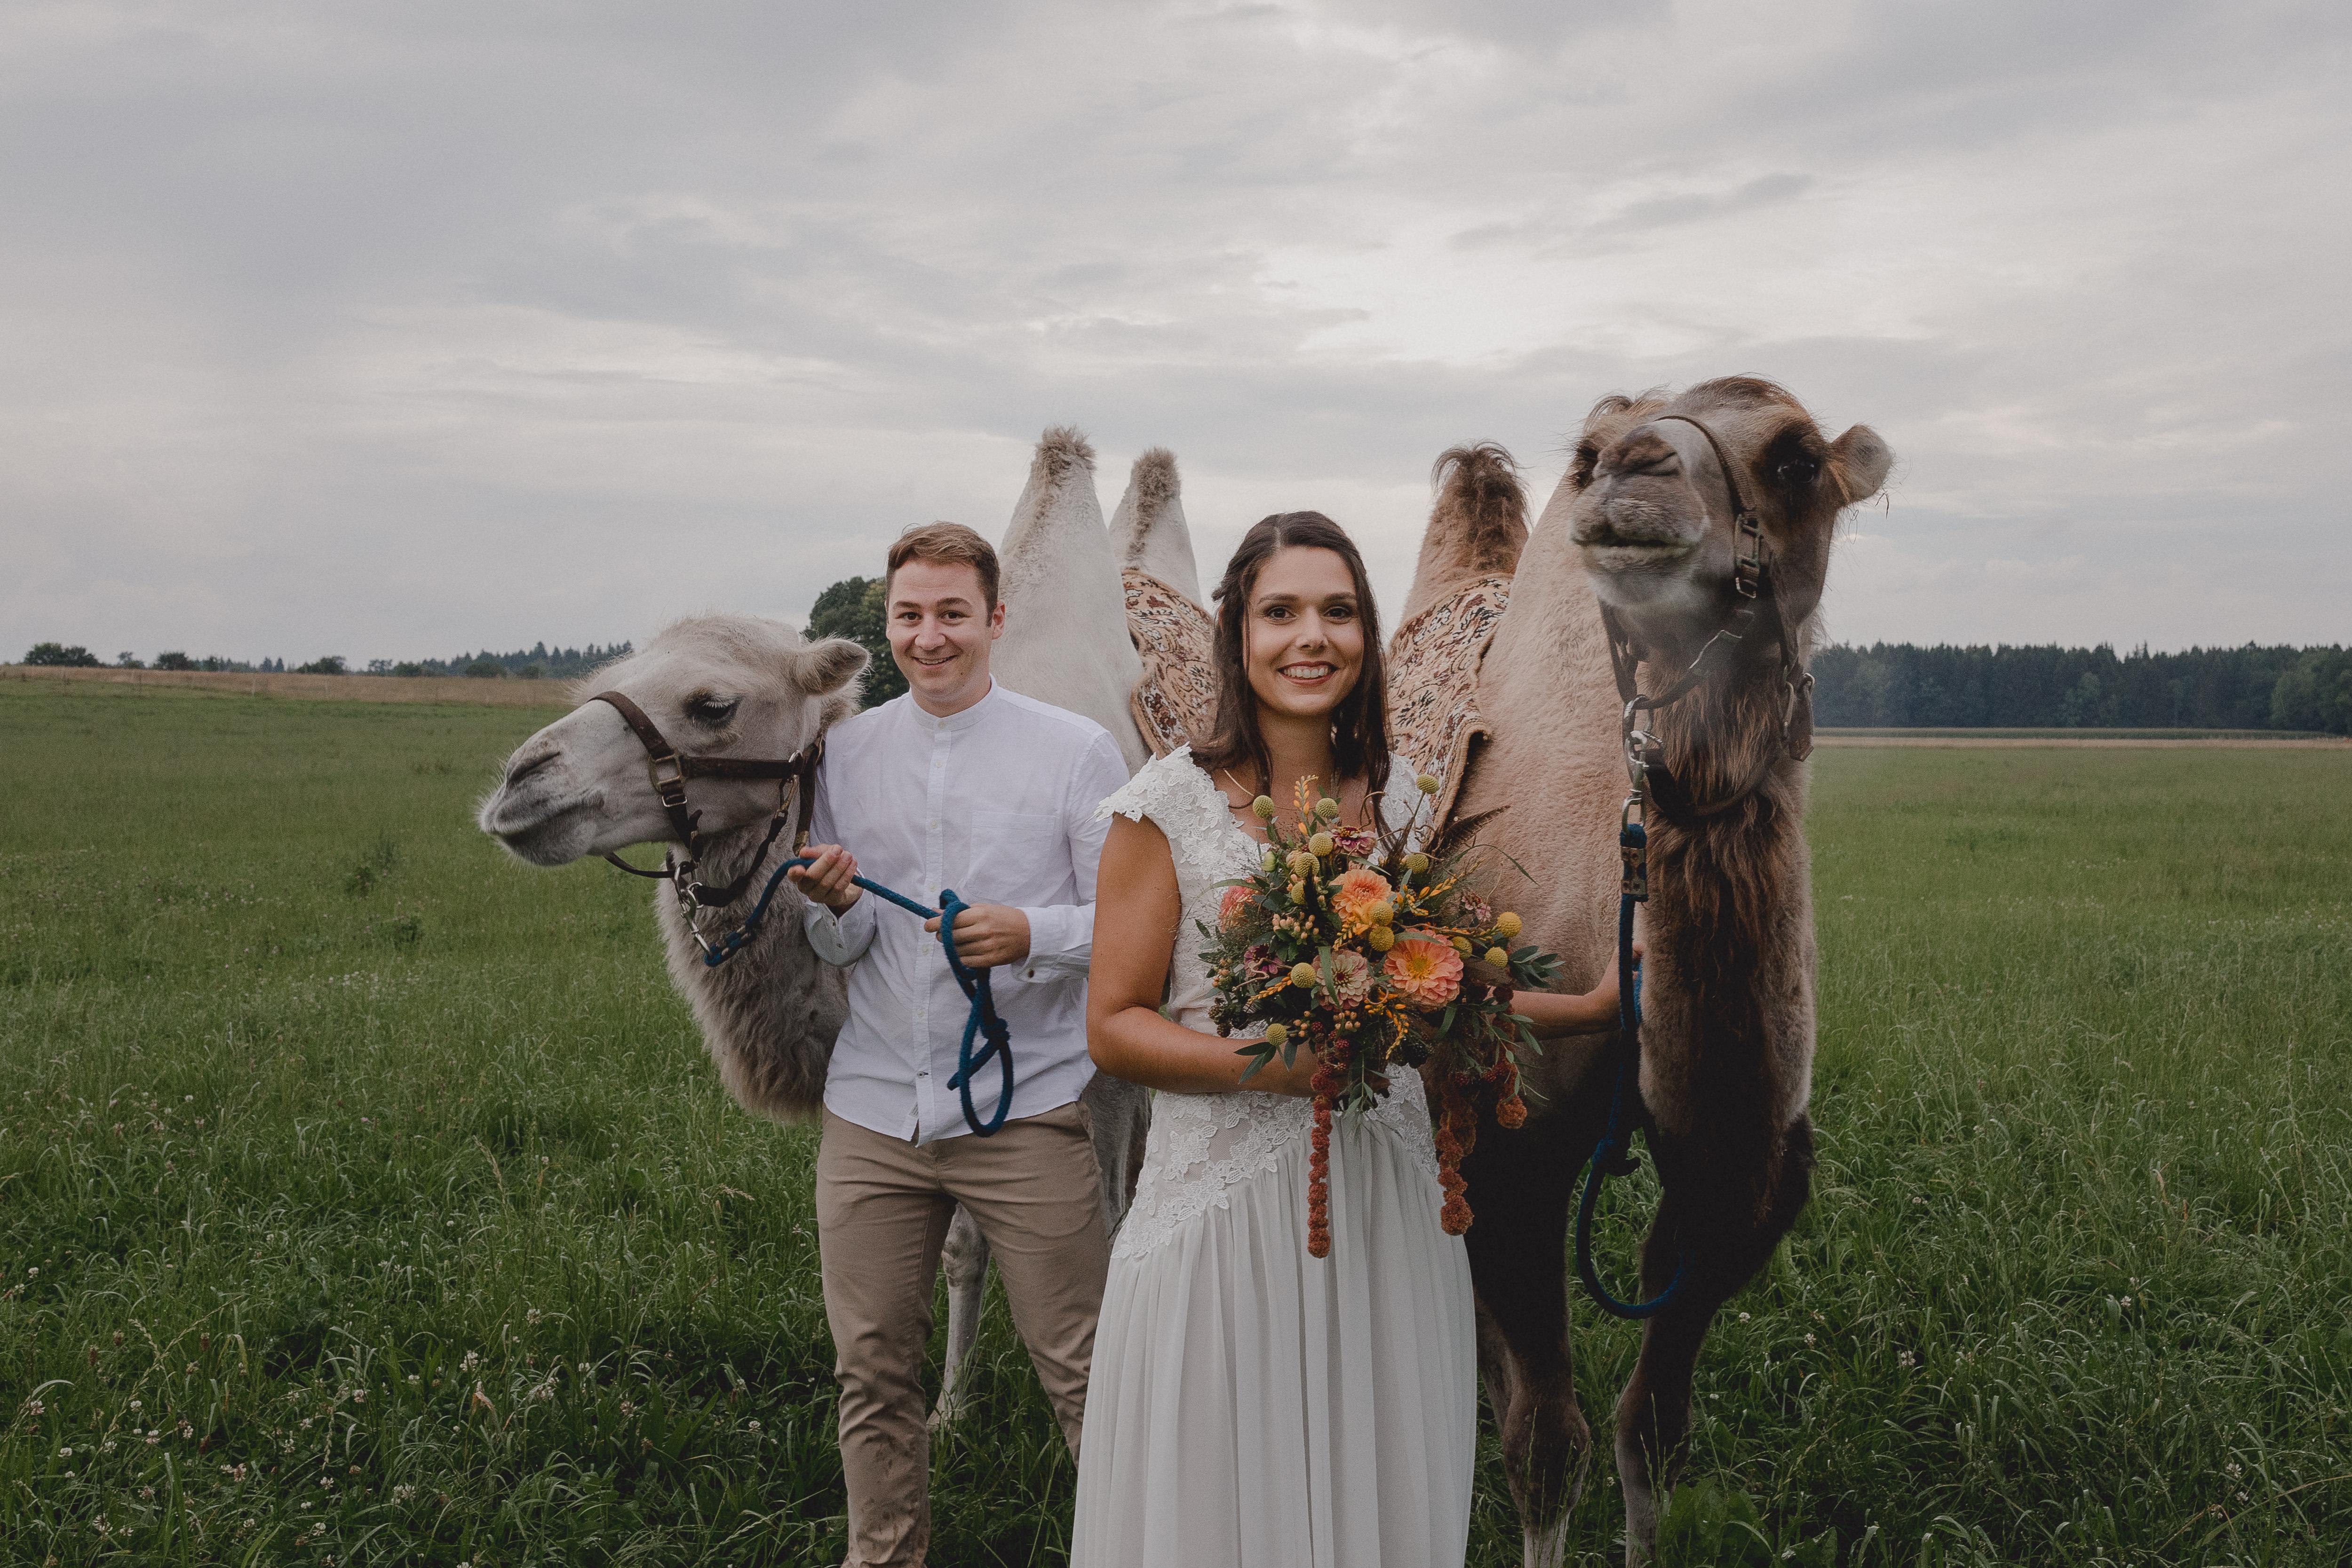 URBANERIE_Daniela_Goth_Vintage_Hochzeitsfotografin_Nuernberg_Fuerth_Erlangen_180721_0135